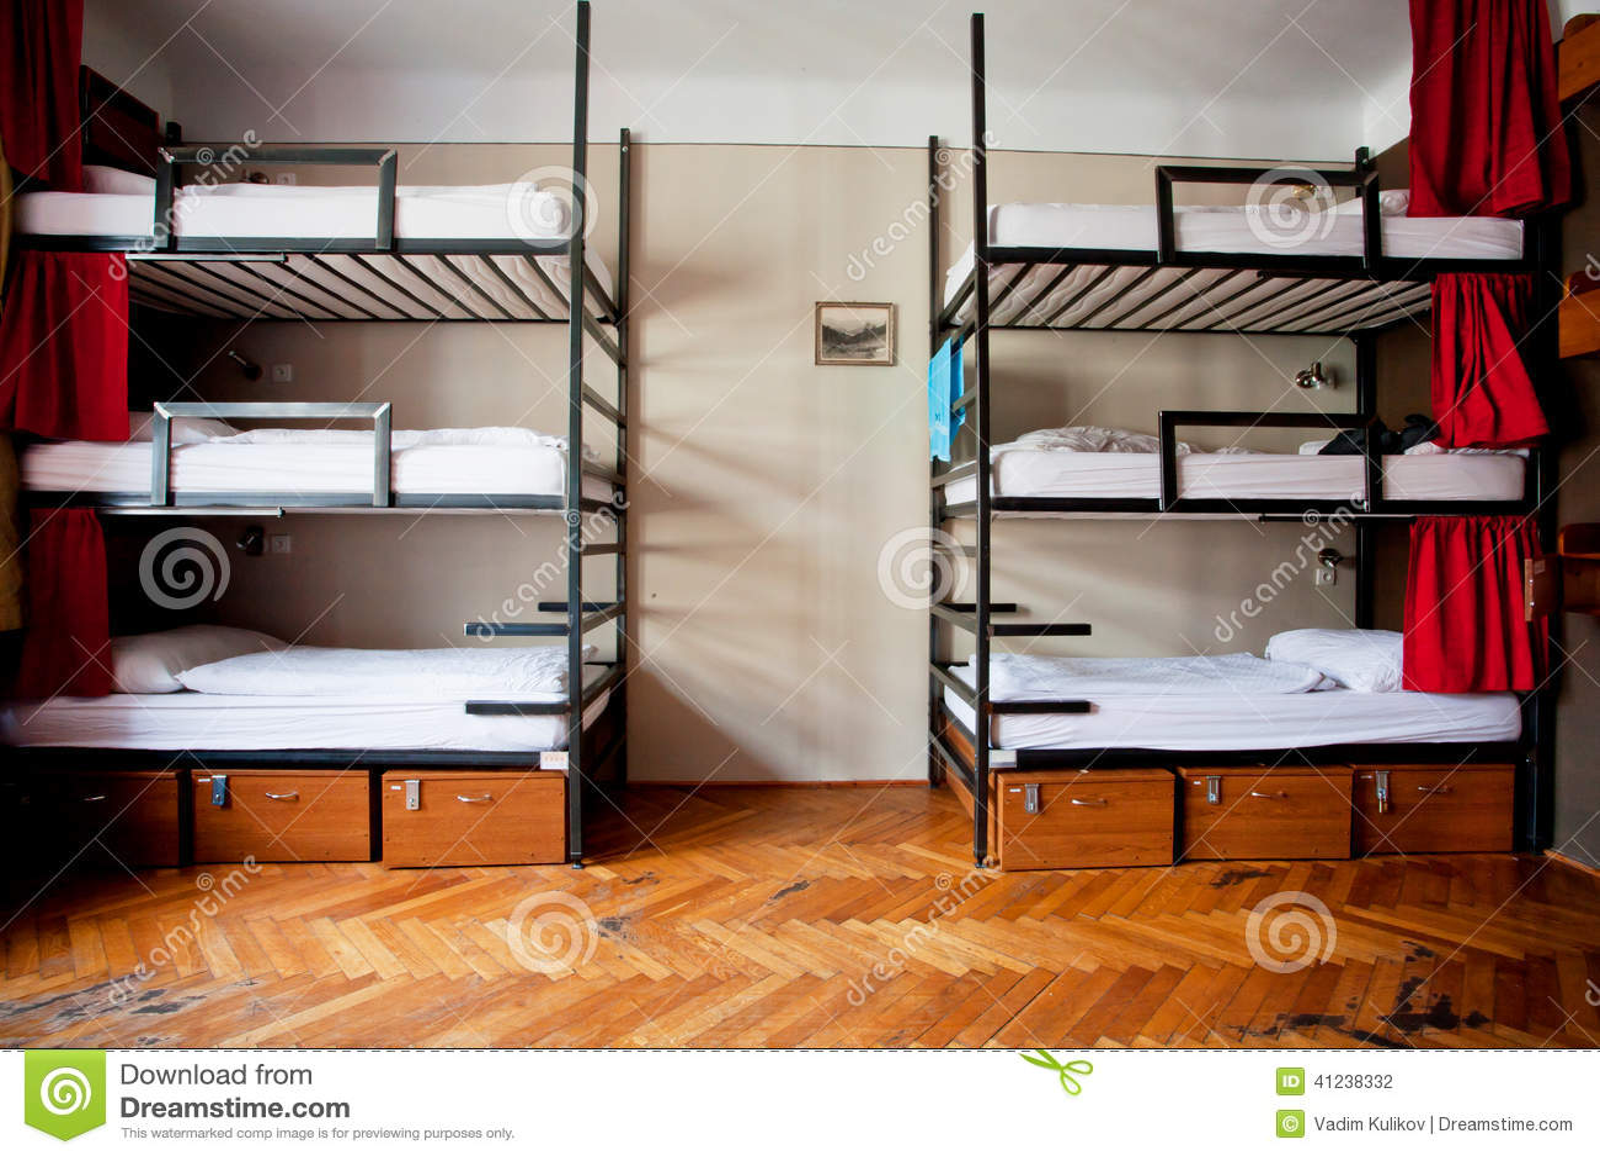 Camas de tres niveles del dormitorio dentro del cuarto del for Dormitorios tres camas